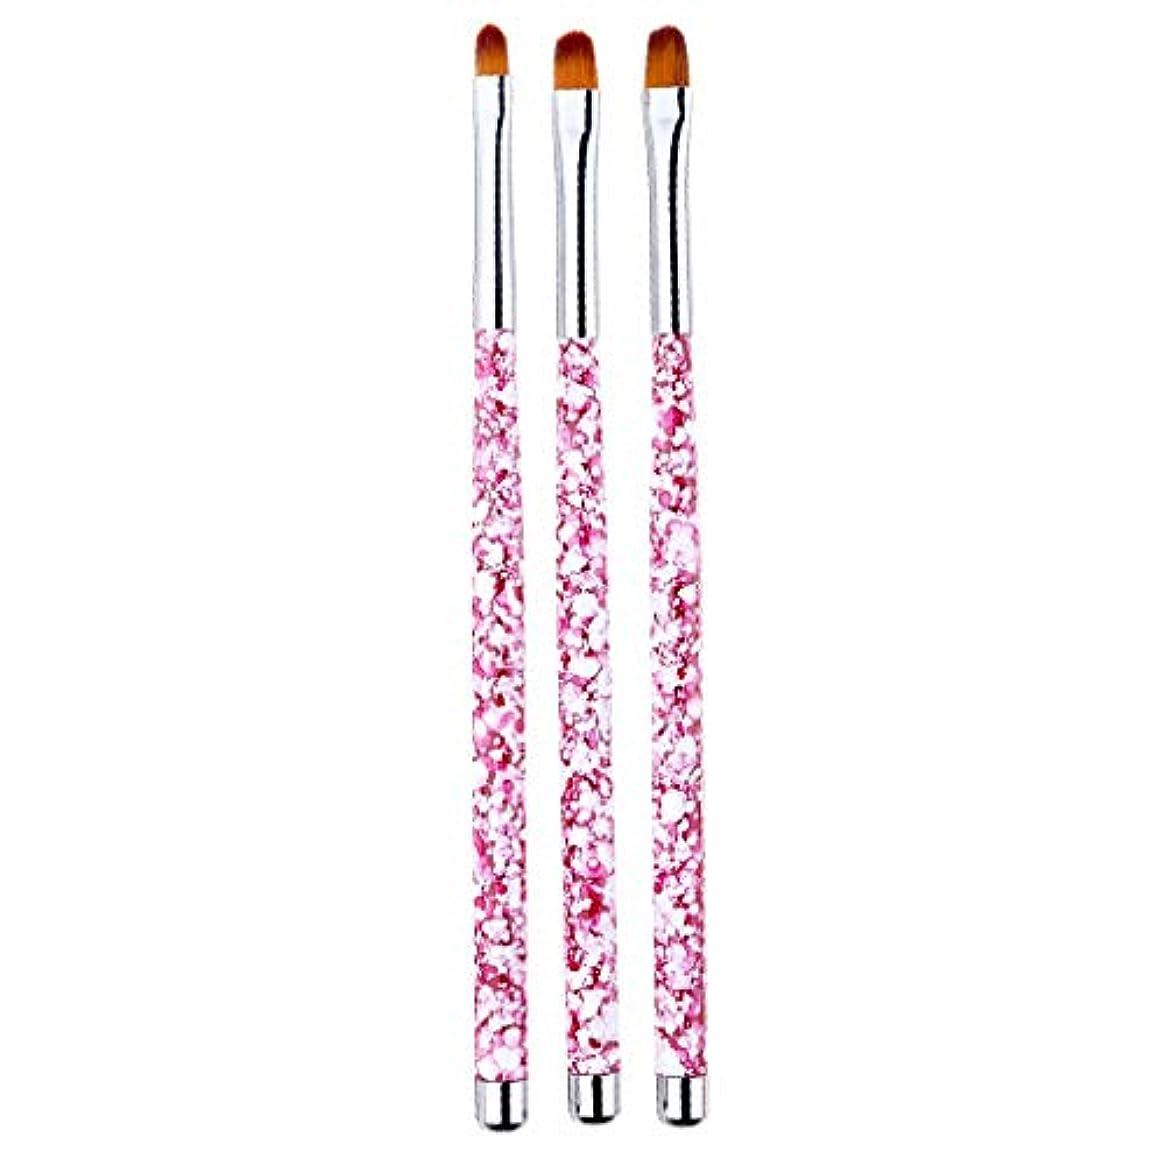 練習に変わるルネッサンスネイルアート 筆 ネイルブラシ 丸い 尖った先端 絵画ブラシ ペン 画筆 UV用 全4色 - ピンク